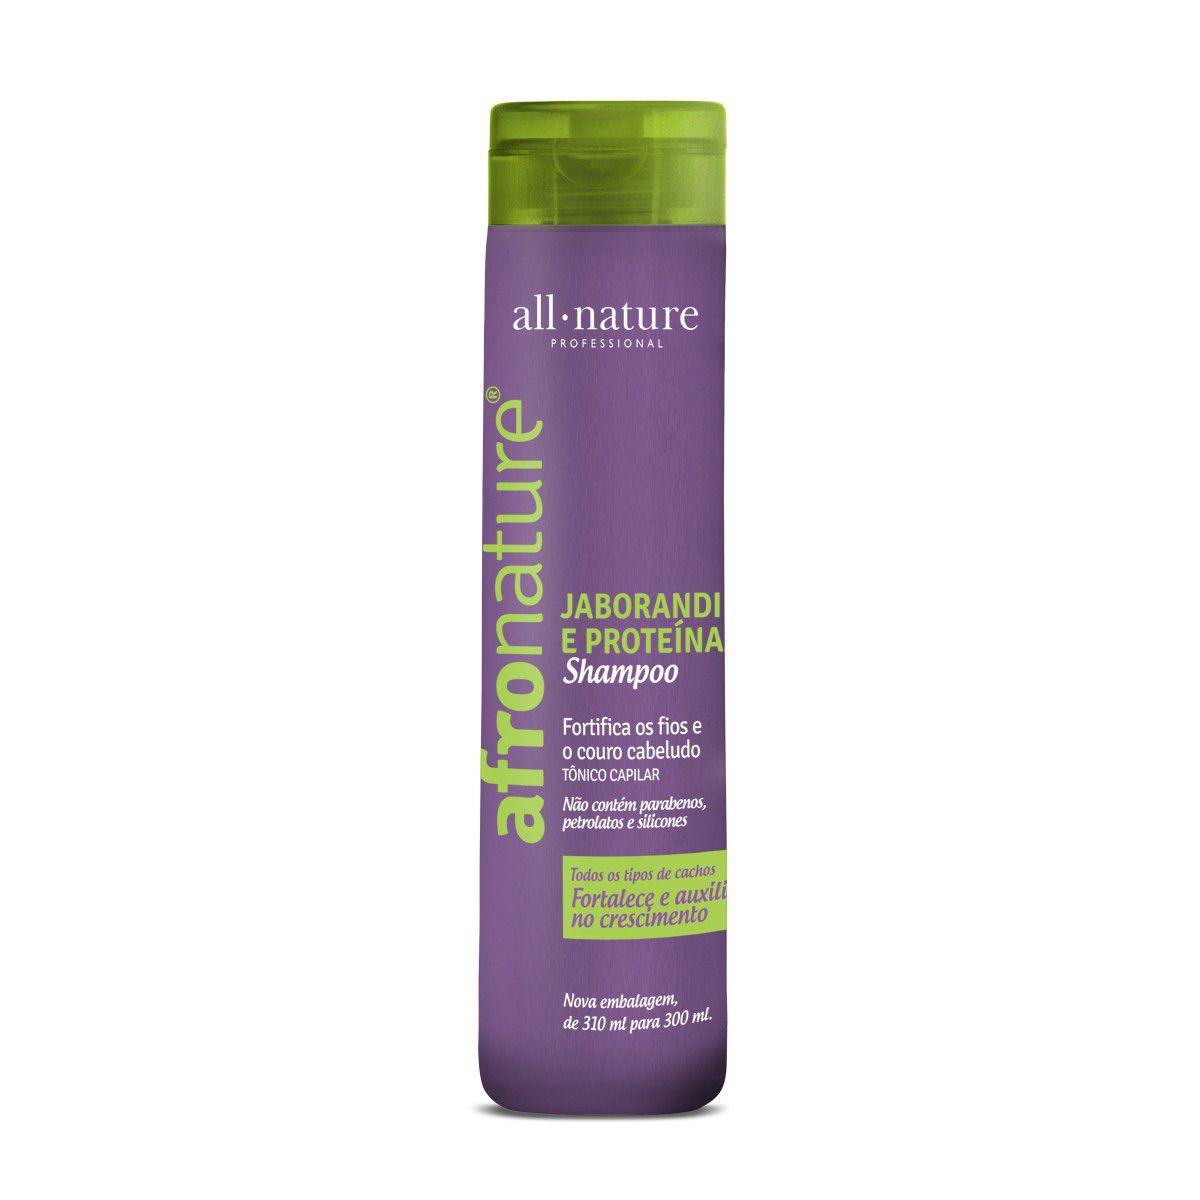 Shampoo de Jaborandi Com Proteínas e Pilocarpina Que Combate a Queda e Melhora o Crescimento Afro Nature 300ml - All Nature